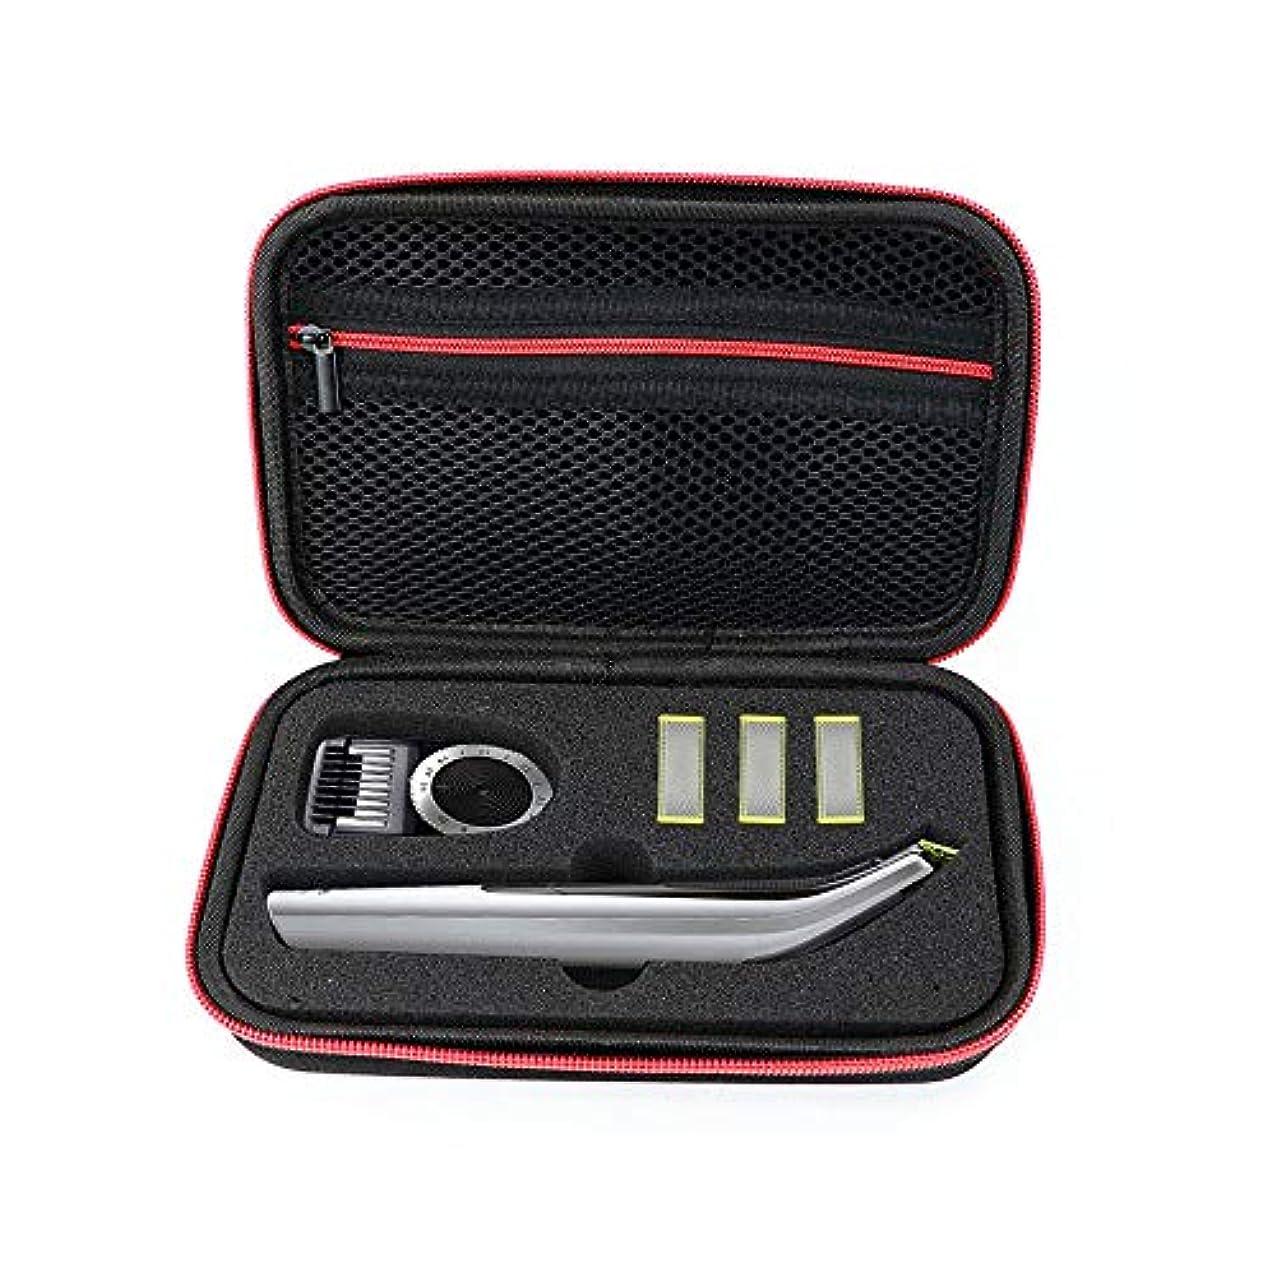 二接続詞父方のZBRGX OneBlade Pro QP150トラベルケースフィリップス電気かみそりケース QP6520 QP6510用ポータブル収納袋 防塵 防水 耐衝撃 キャリングケース 保護ポーチ (赤)